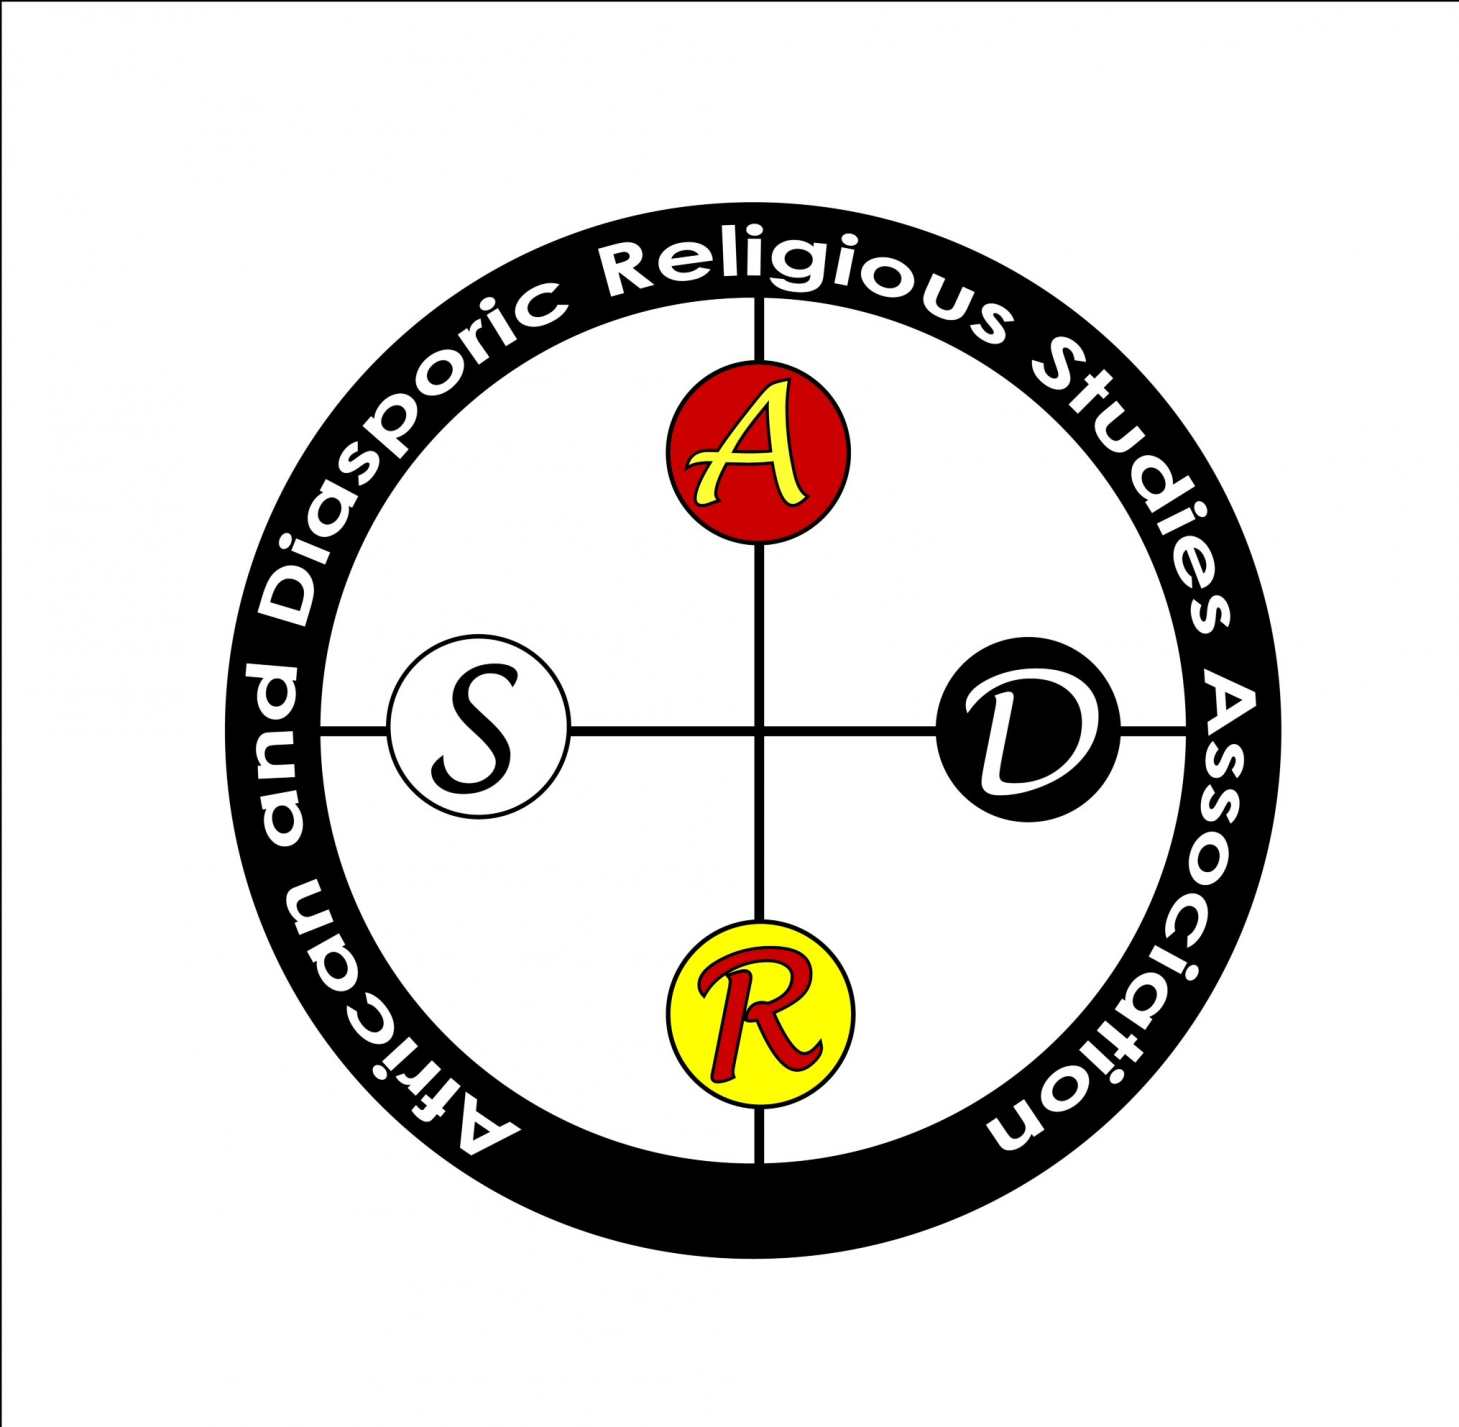 African & Diasporic Religious Studies Association